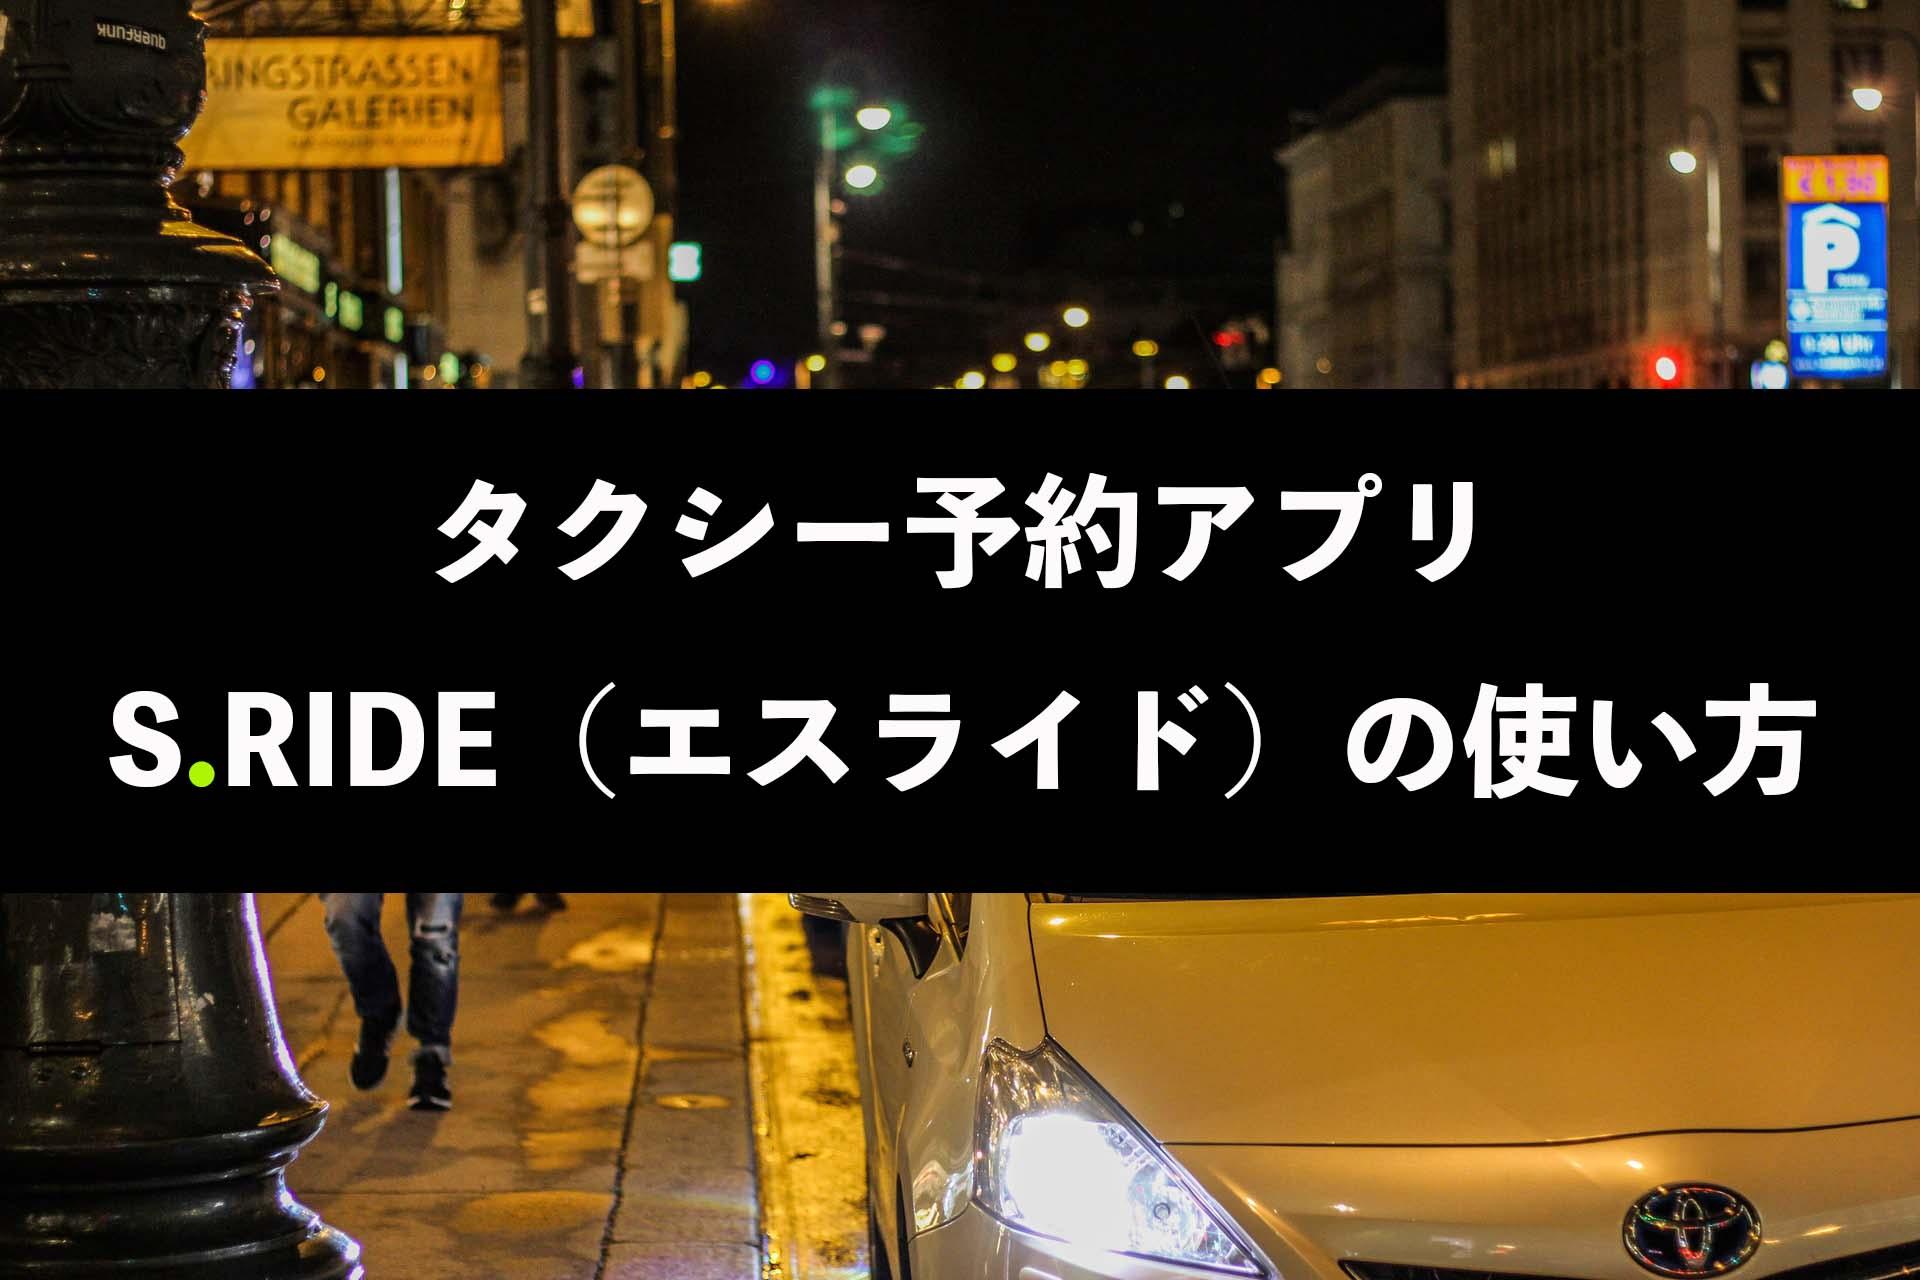 タクシー予約アプリ S.RIDE(エスライド)の使い方!